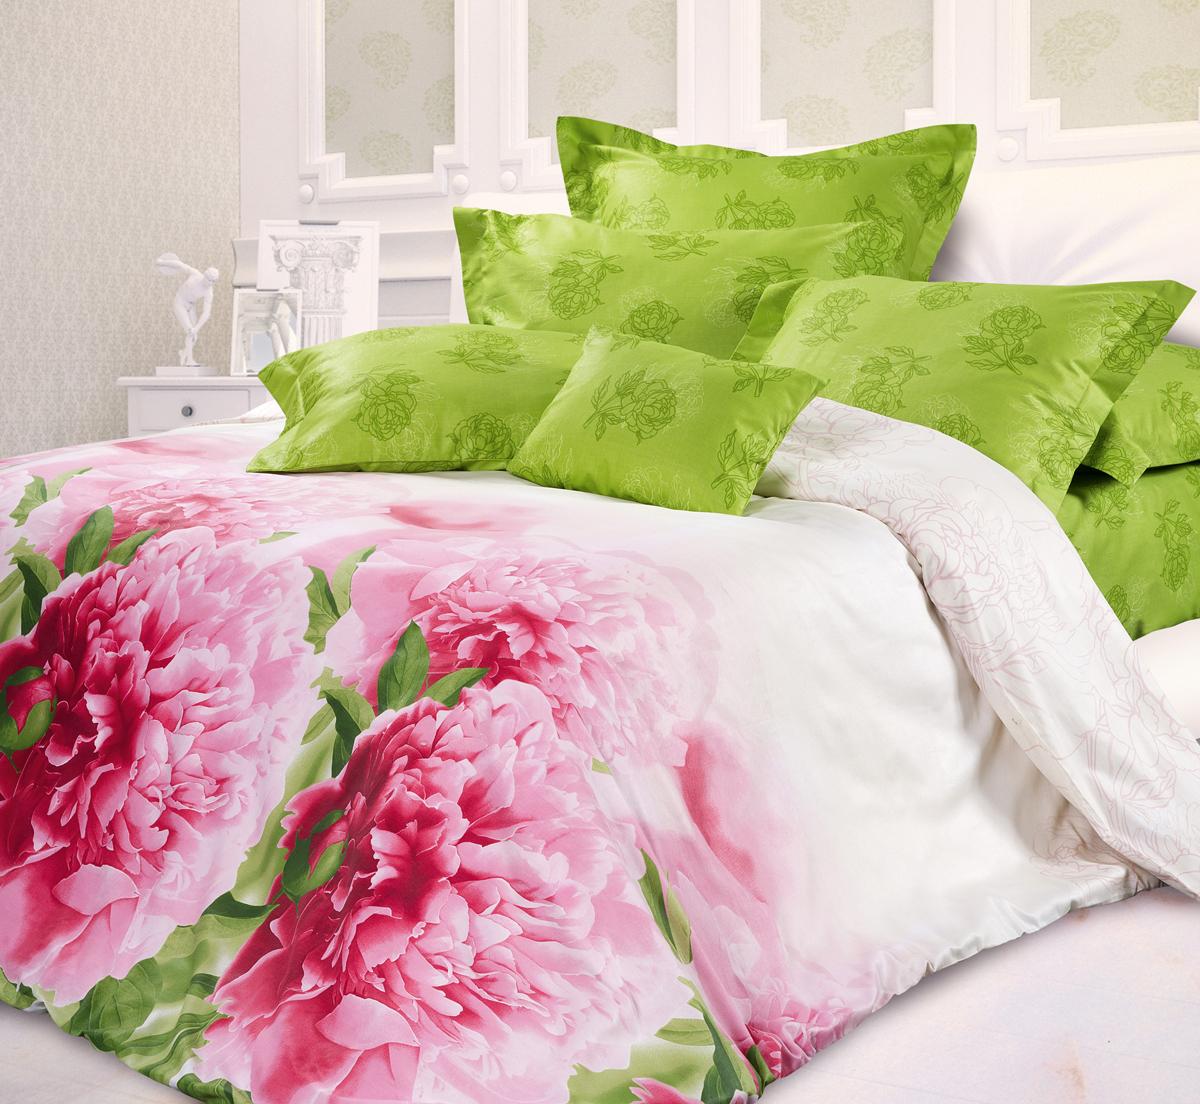 Комплект белья Унисон Дивный сад, 2-х спальное, наволочки 70 х 70, цвет: розовый. 329472329472Роскошная коллекция постельного белья из 100% хлопка высшего качества. Мягкий, износостойкий, нежный сатин с благородным шелковистым блеском производится из крученой хлопковой нити по специальной технологии двойного плетения.